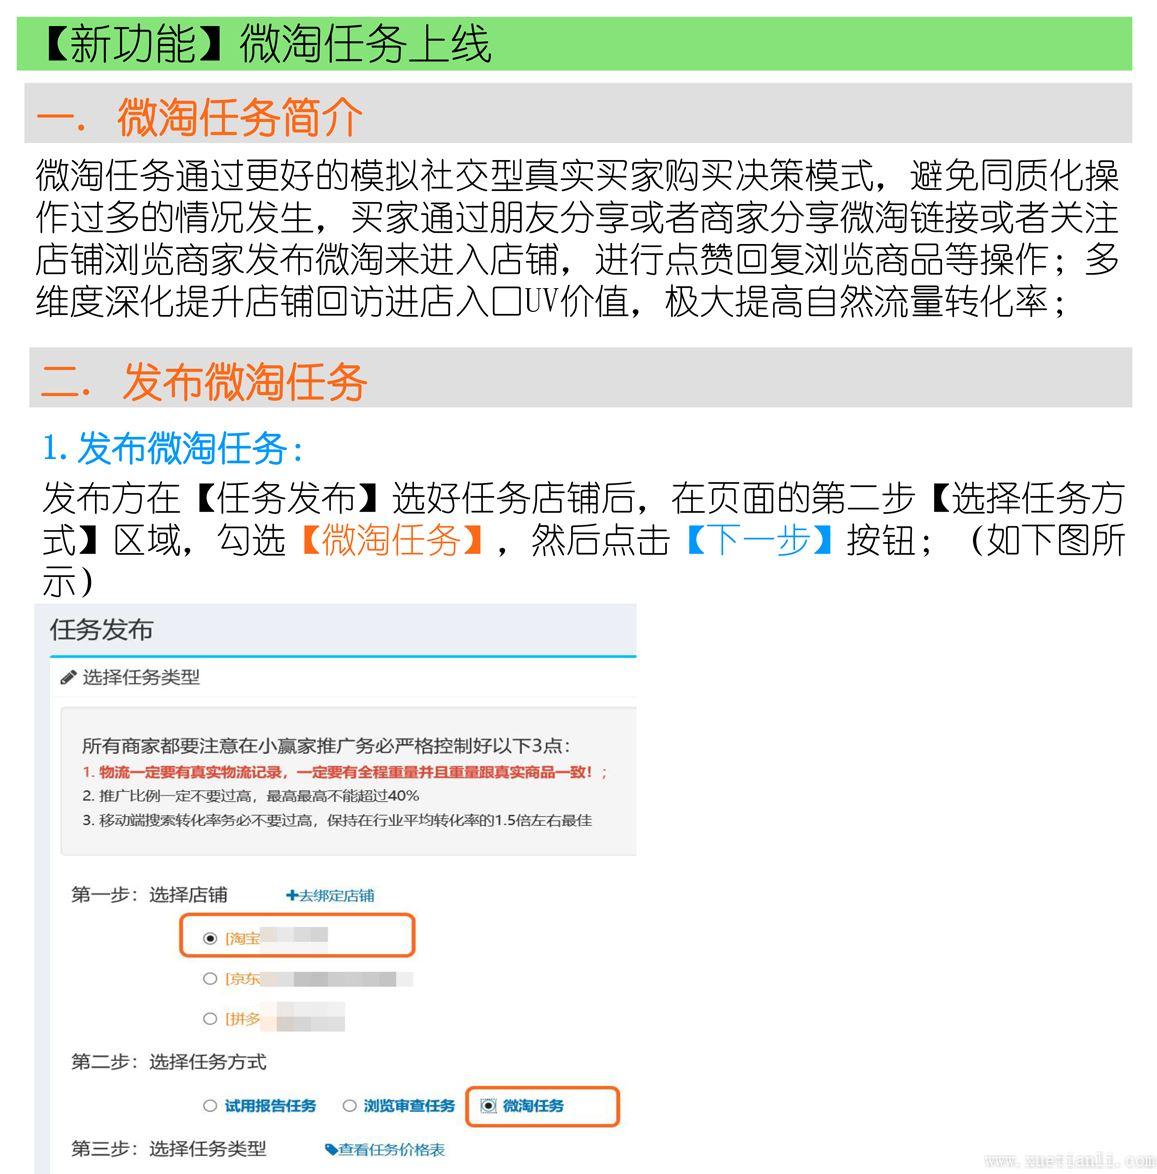 小赢家平台【新功能】微淘任务上线